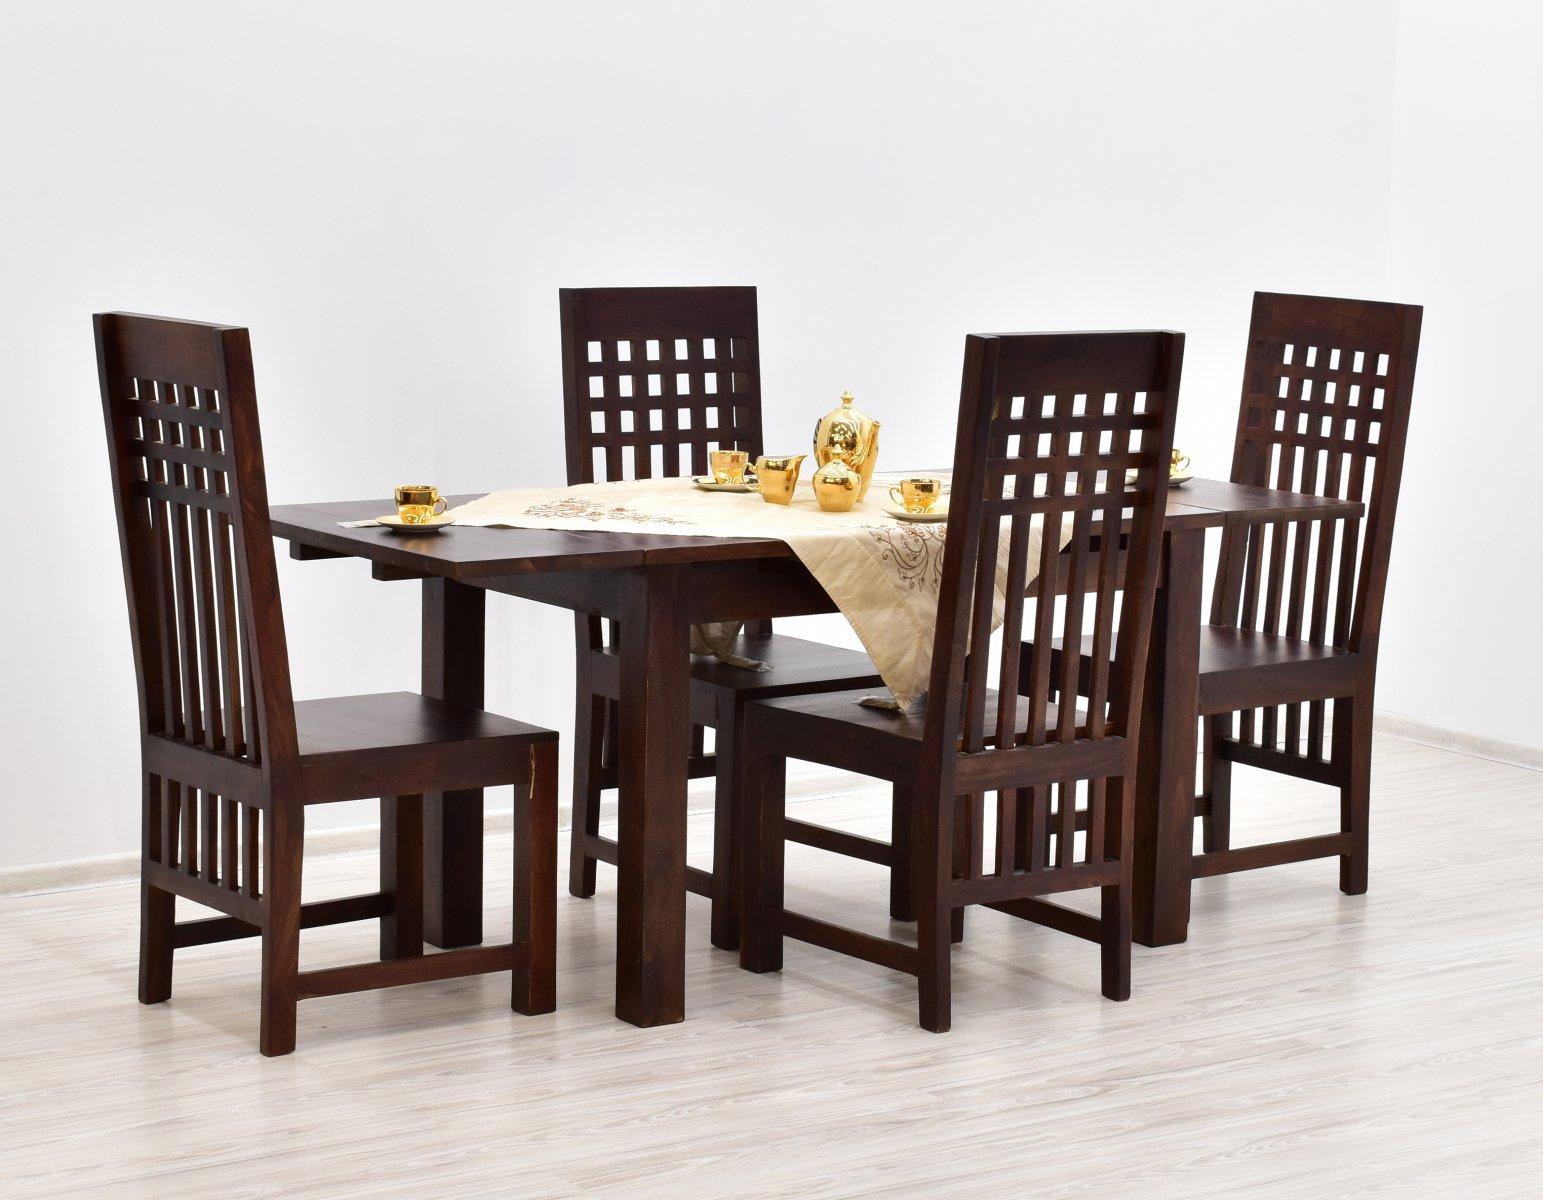 Komplet obiadowy kolonialny stół rozkładany + 4 krzesła z litego drewna palisandru ciemny brąz